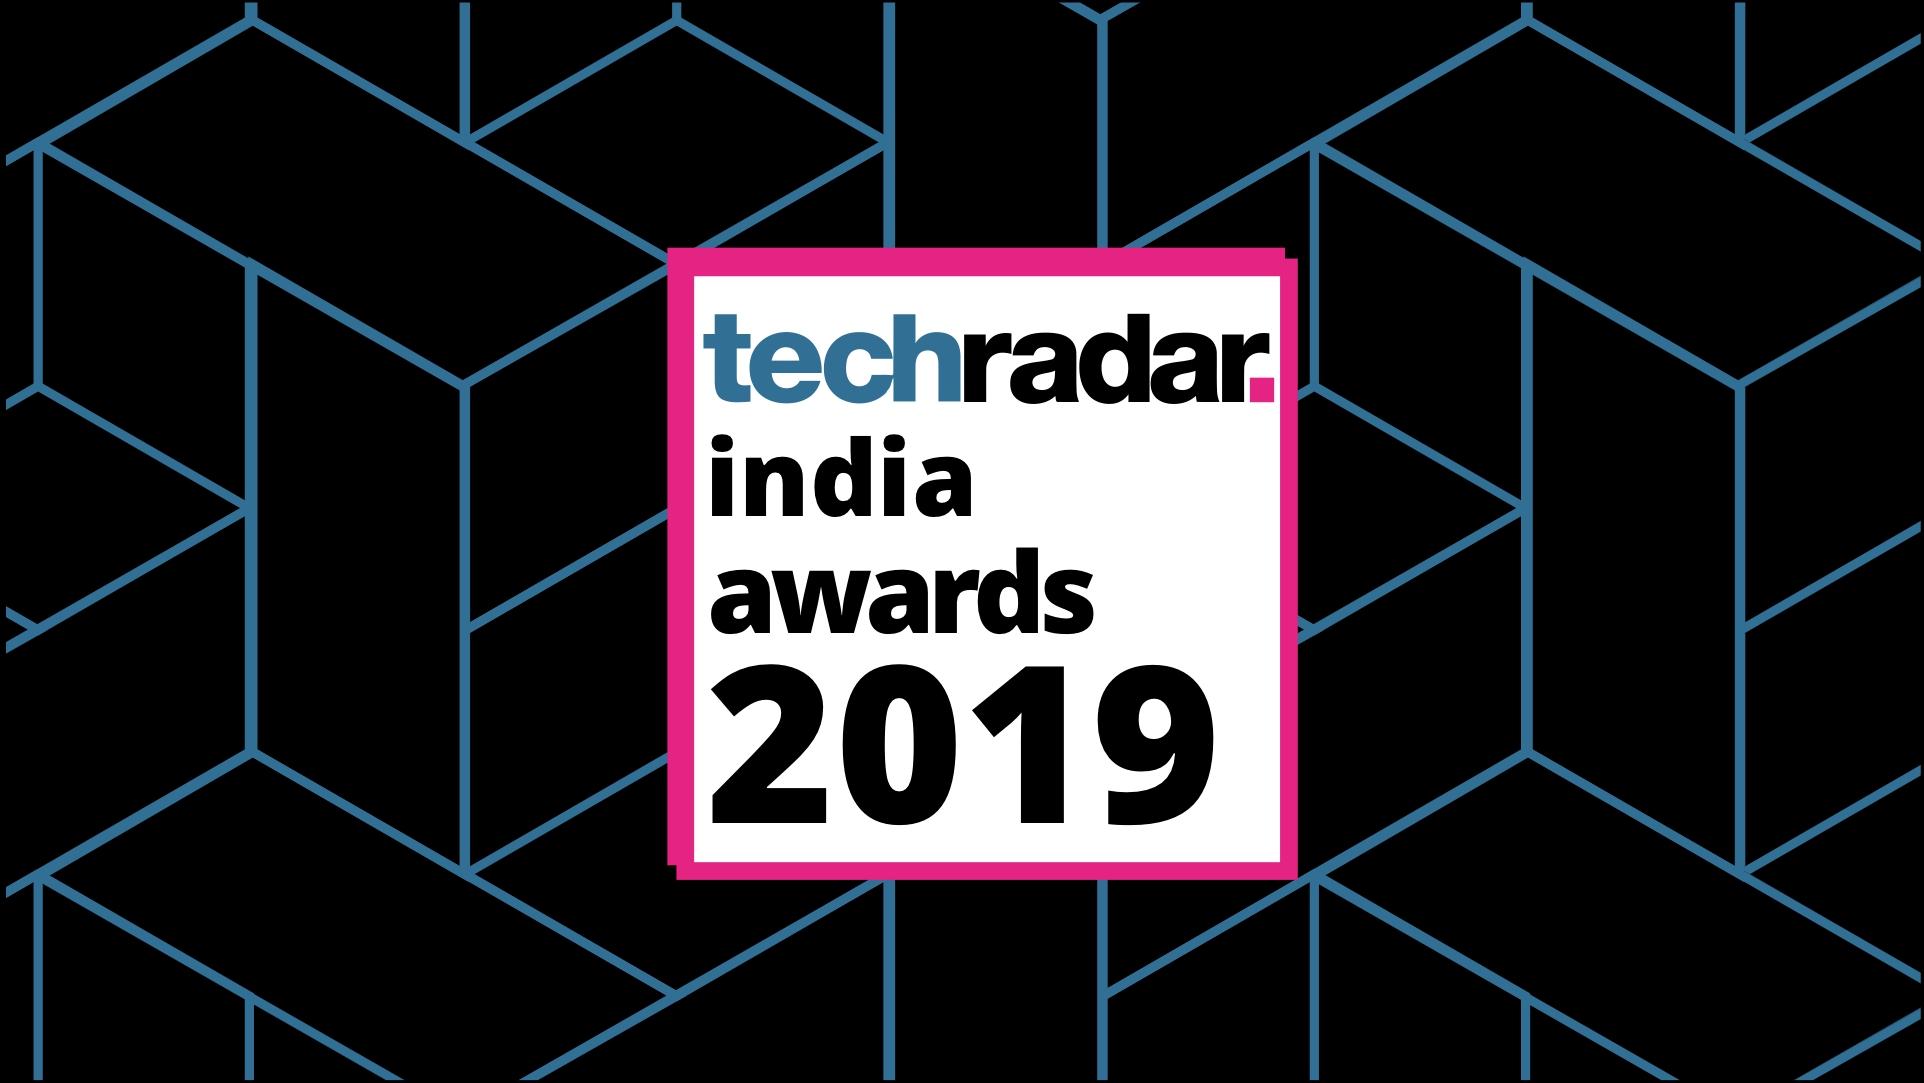 Introducing TechRadar India Awards 2019